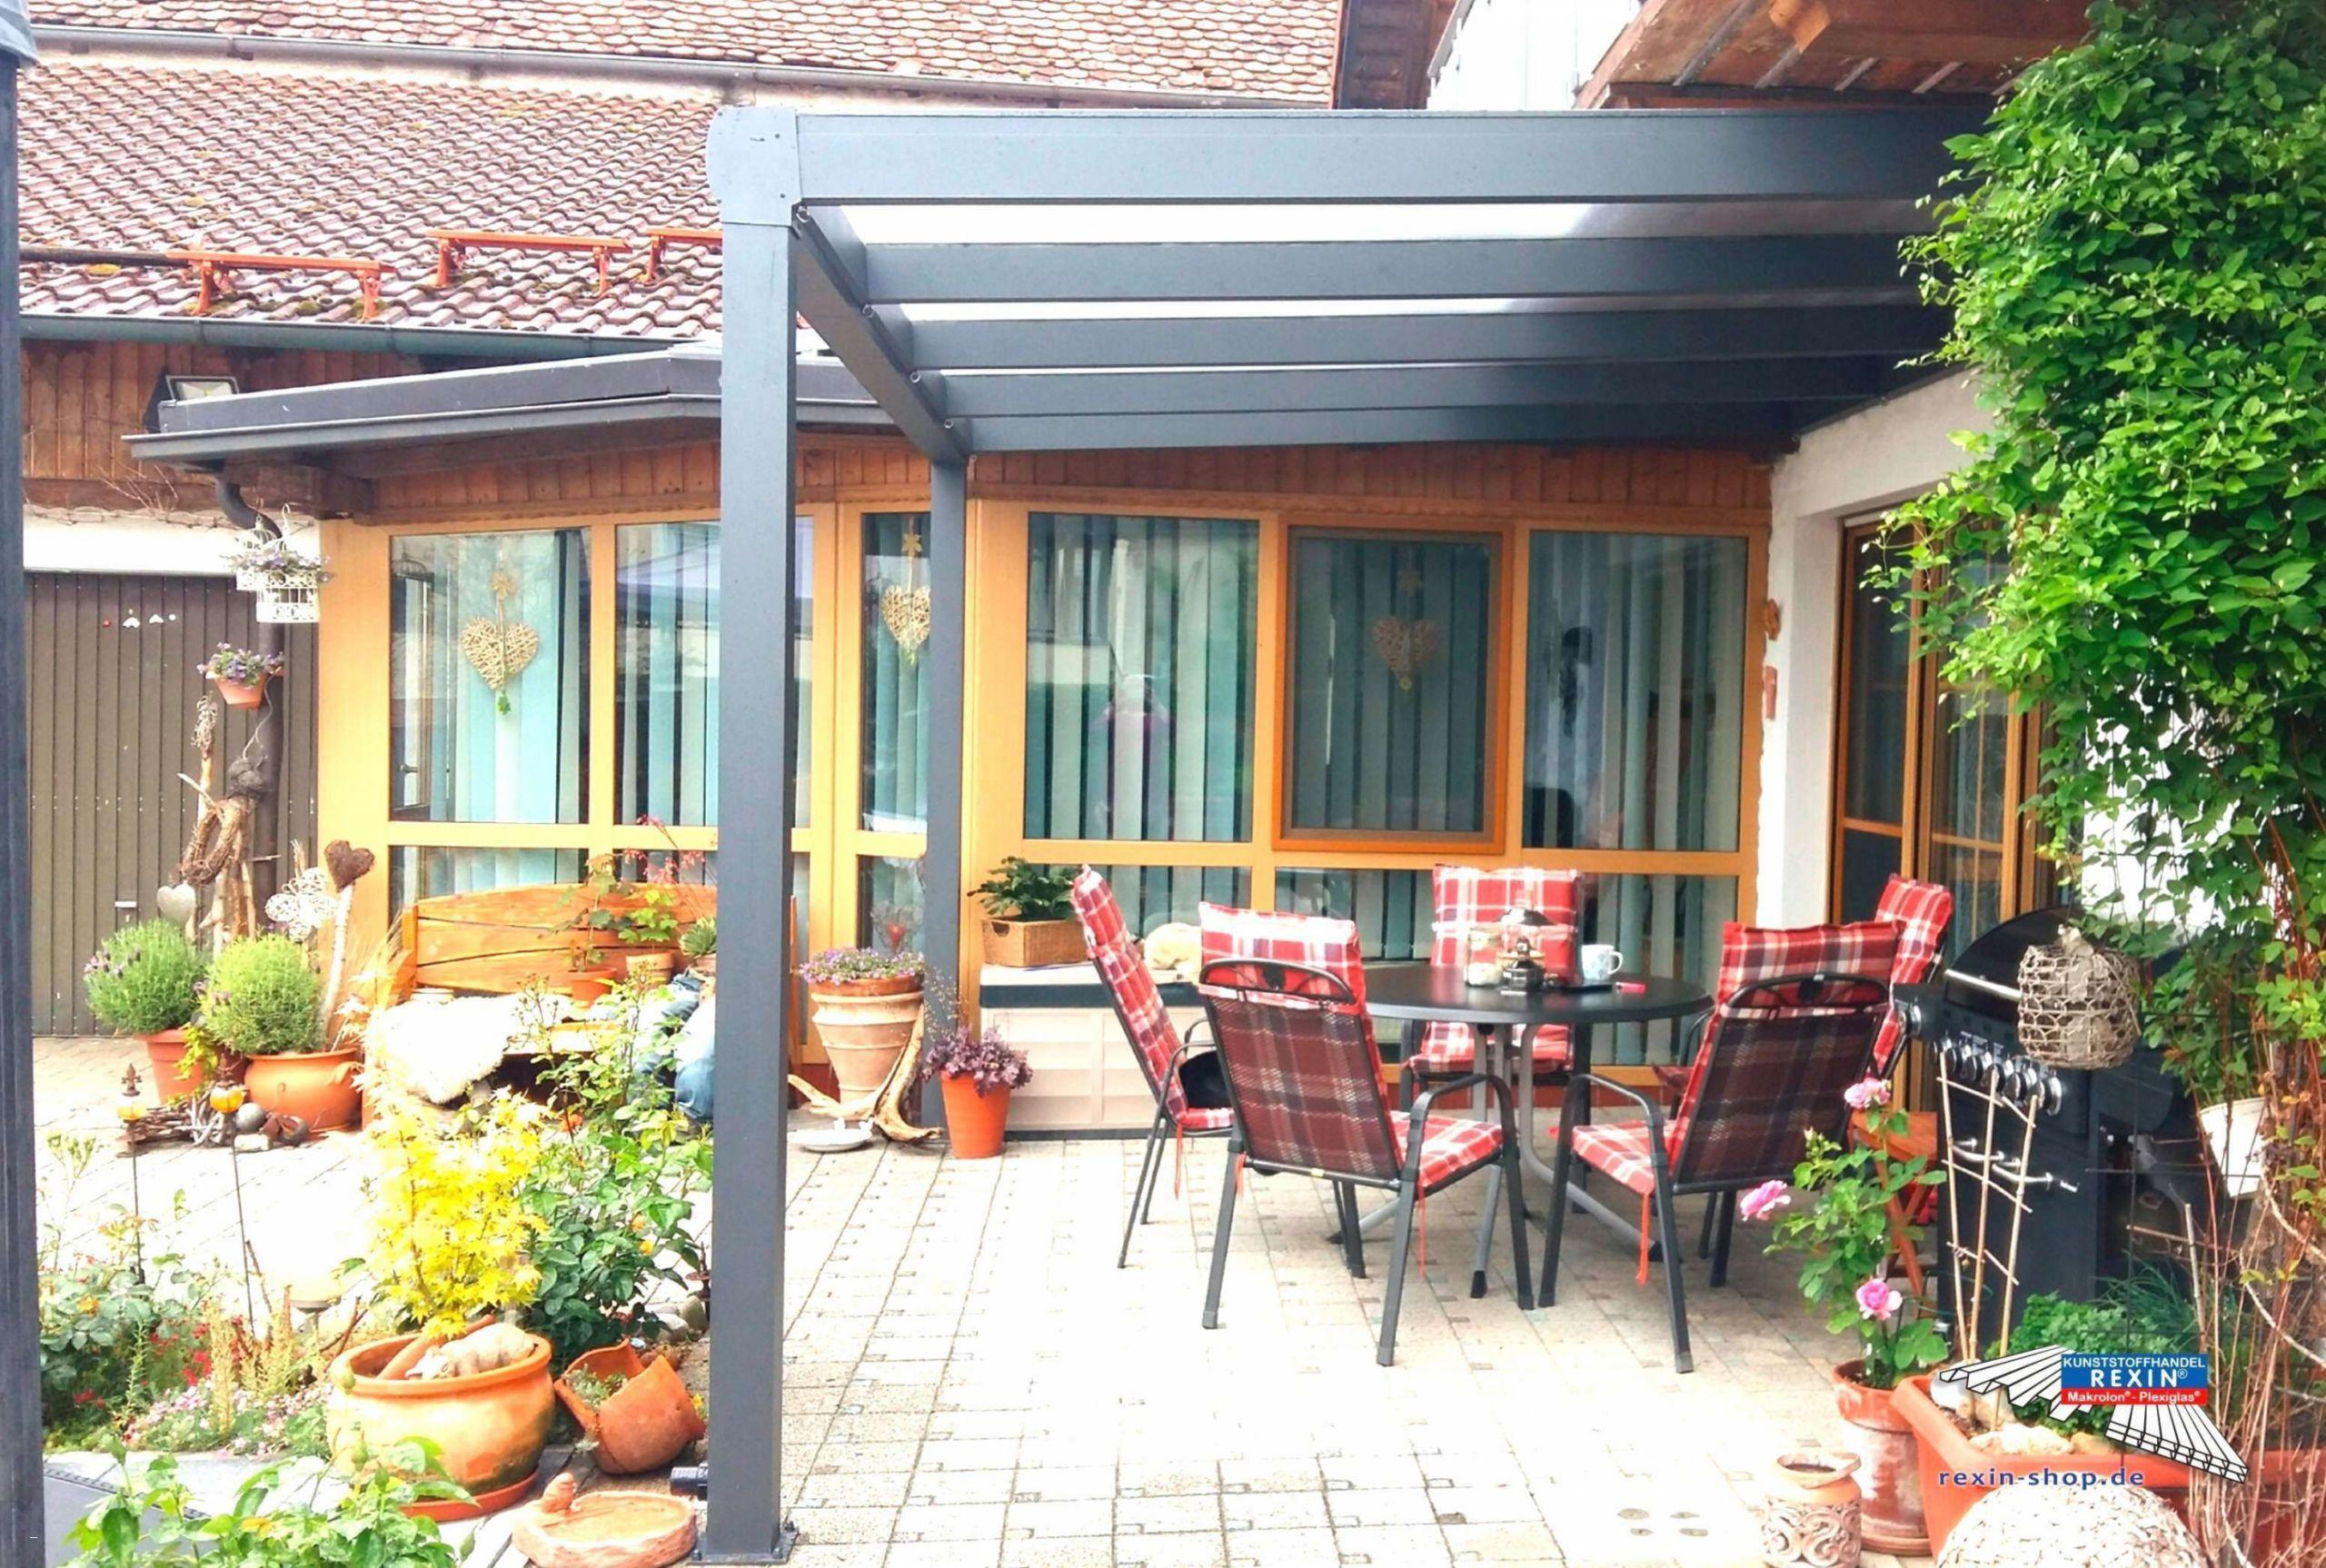 Gartengestaltung Günstig Selber Machen Einzigartig Küche Im Wintergarten — Temobardz Home Blog